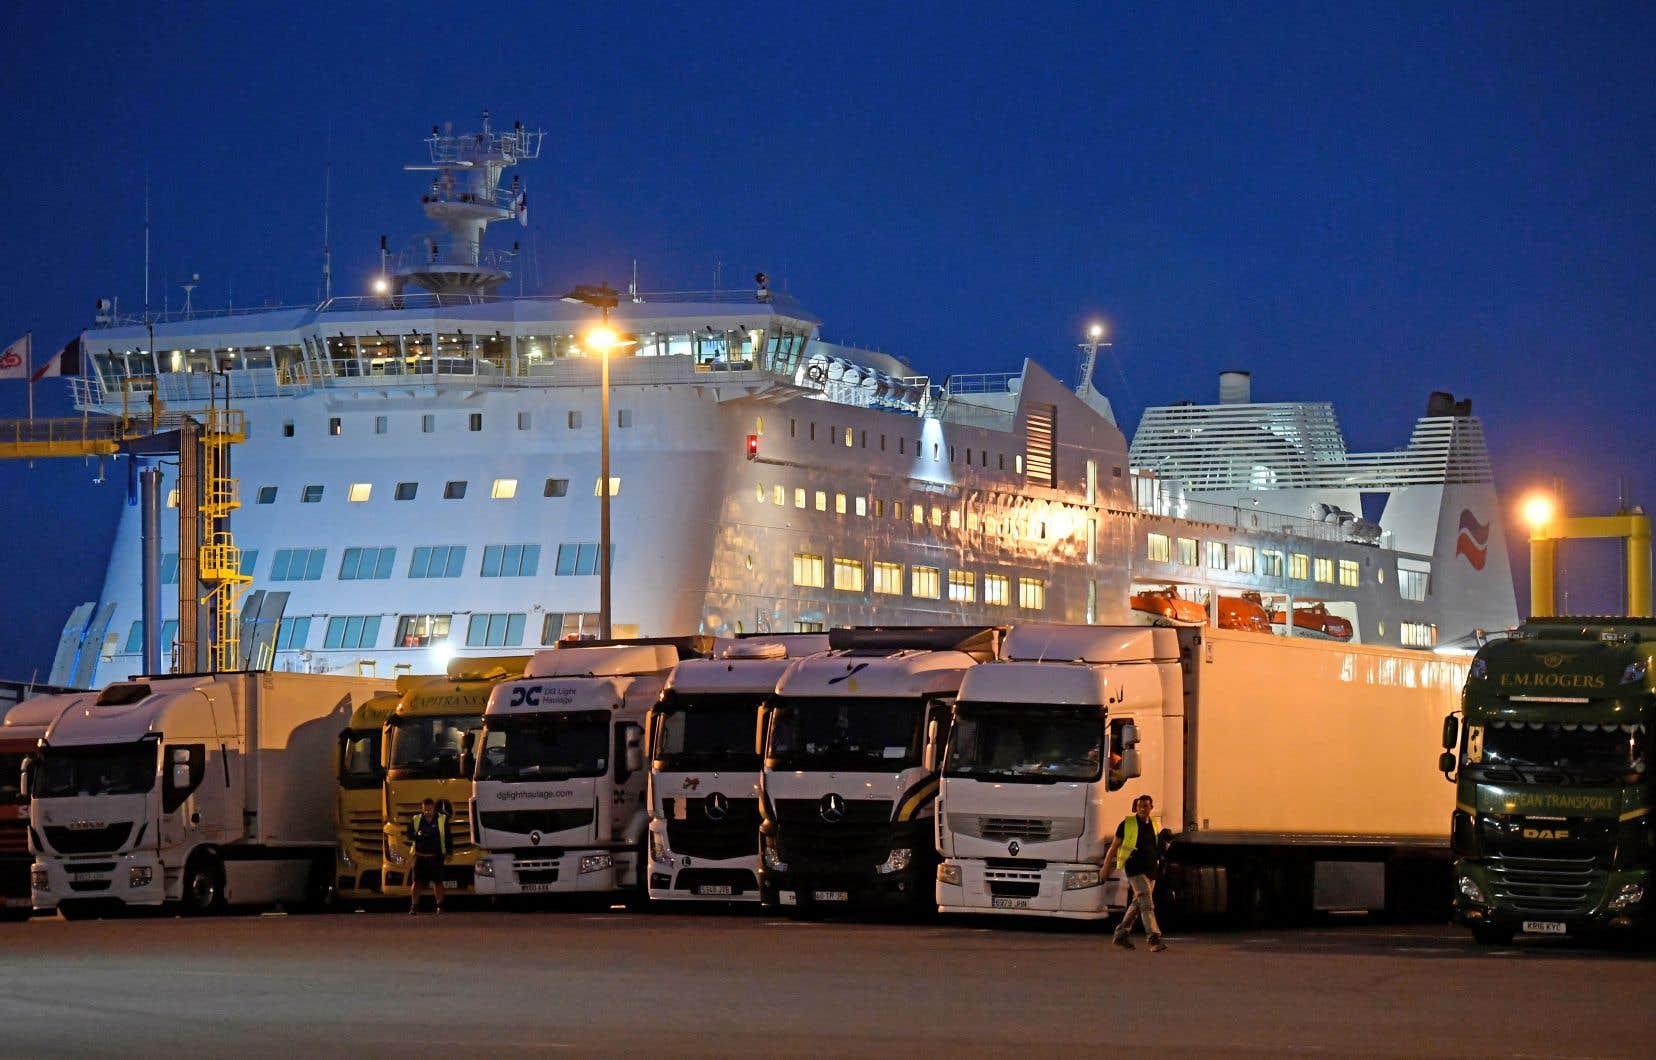 Les traversiers de Calais et de Dunkerque transportent environ quatre millions de poids lourds par année entre le Royaume-Uni et la France.